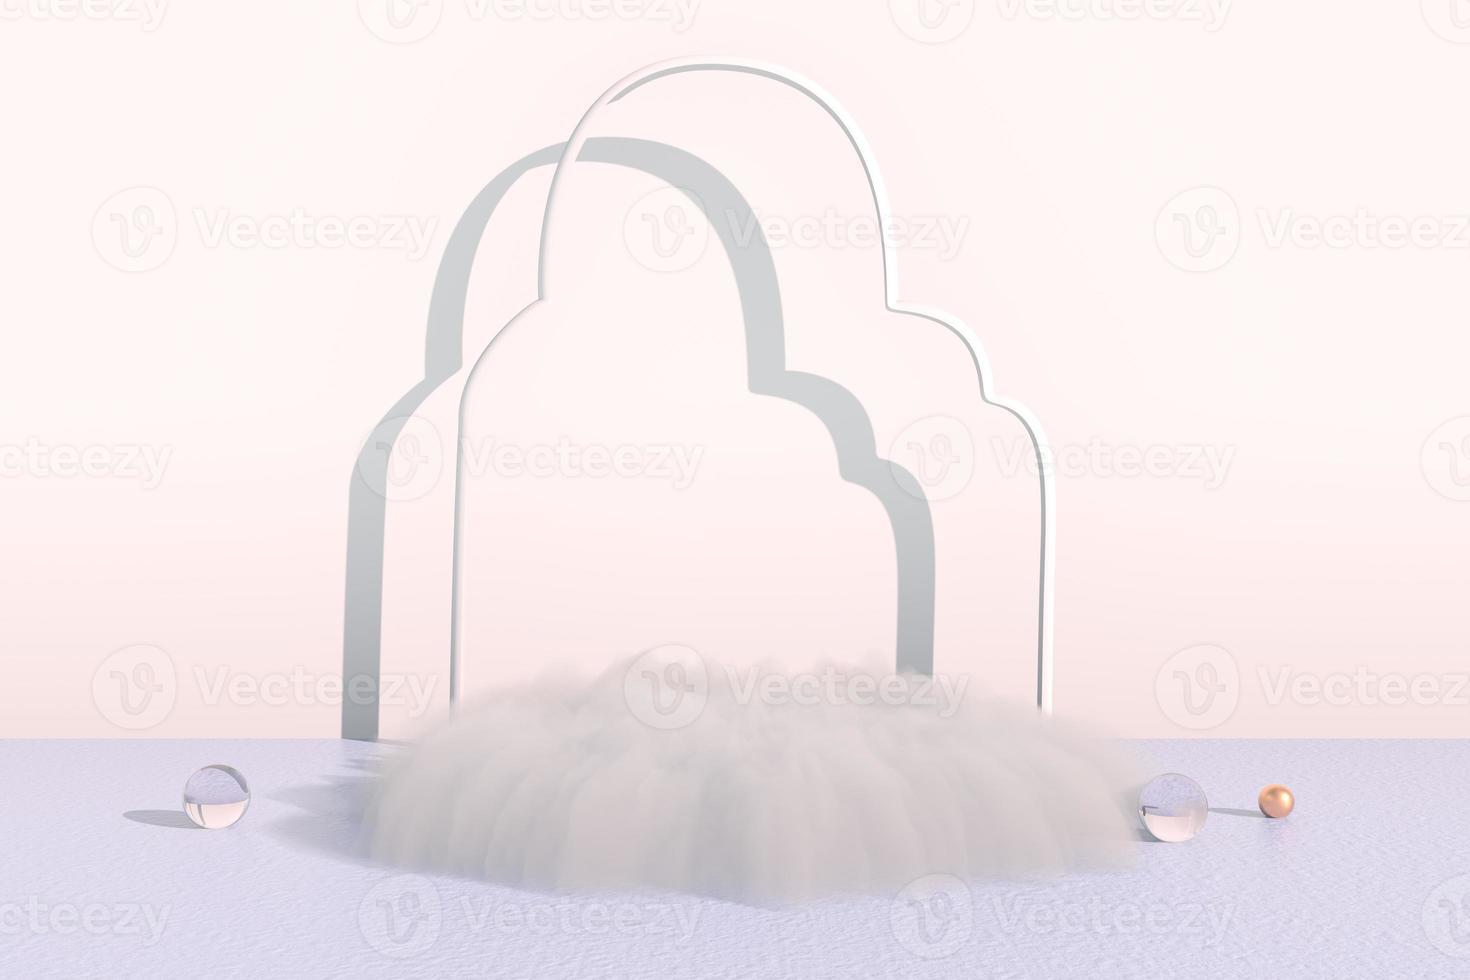 sfondo rendering 3d con podio e scena di nuvole minima, sfondo di visualizzazione del prodotto minimo. foto